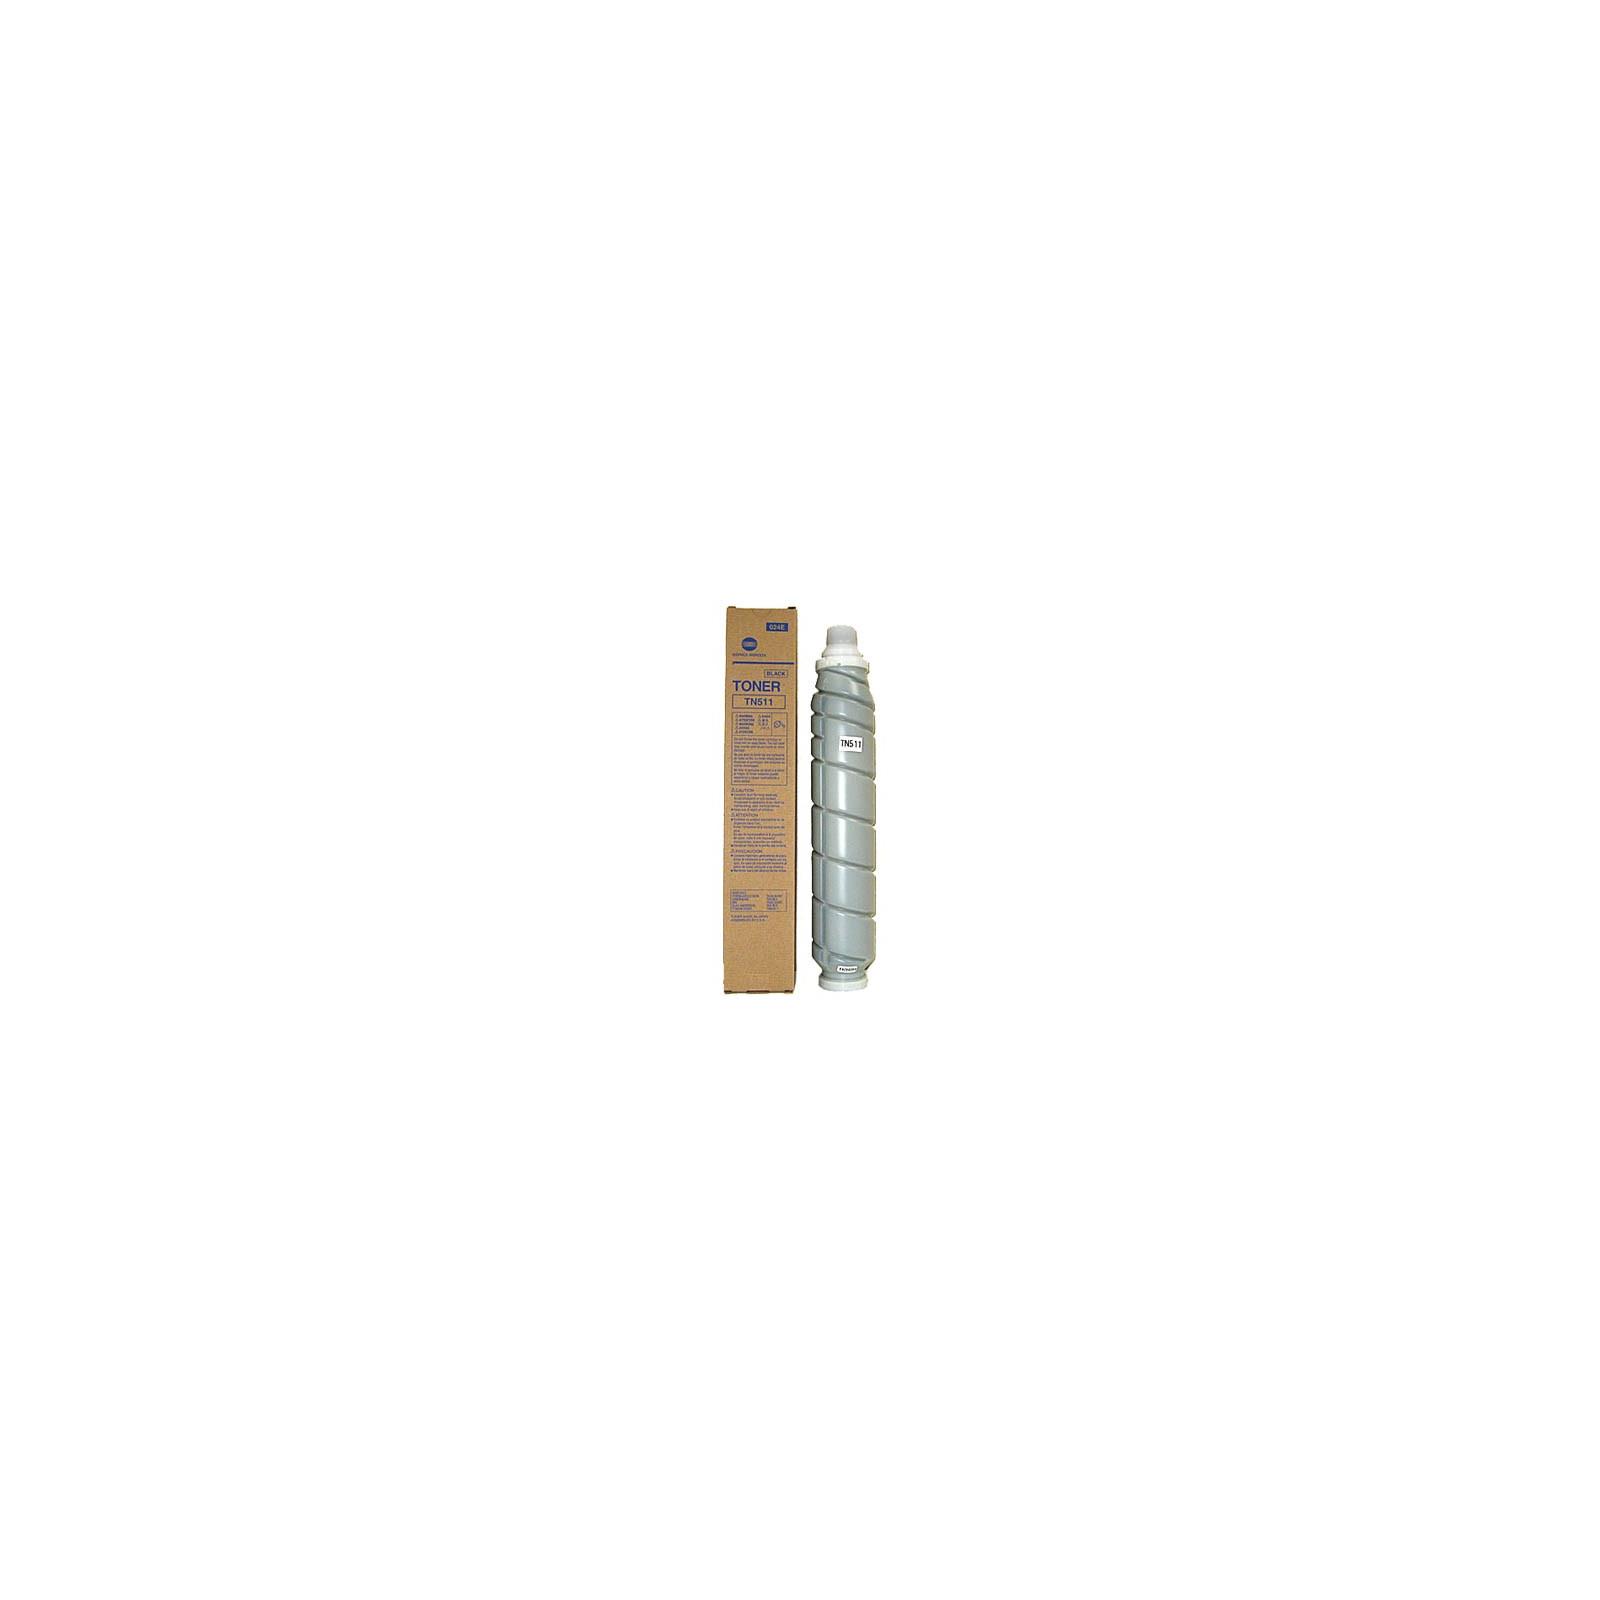 Тонер KONICA MINOLTA TN-511 black (для Bizhub 420/500) (024B)